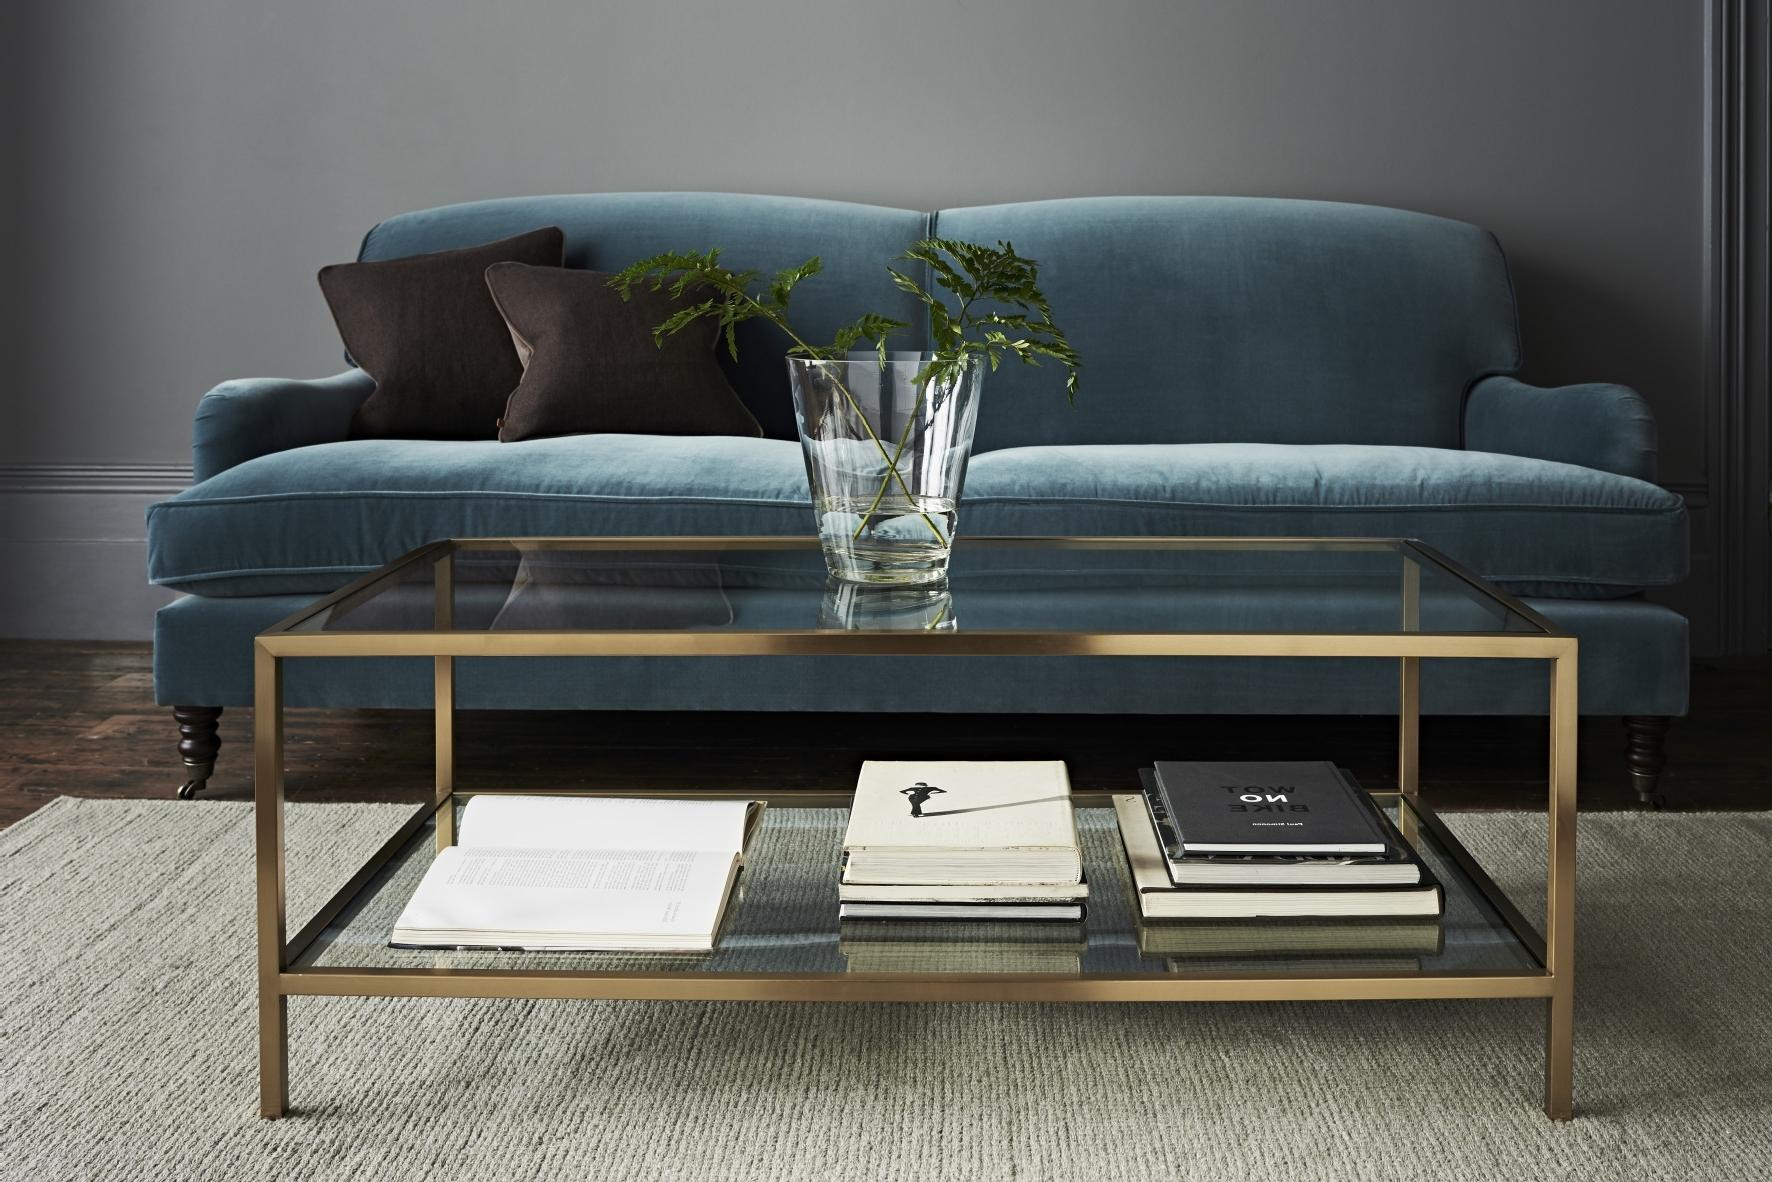 Velvet Sofas Inside Preferred Velvet Sofas: 7 Of The Latest Looks – The English Home (View 9 of 15)